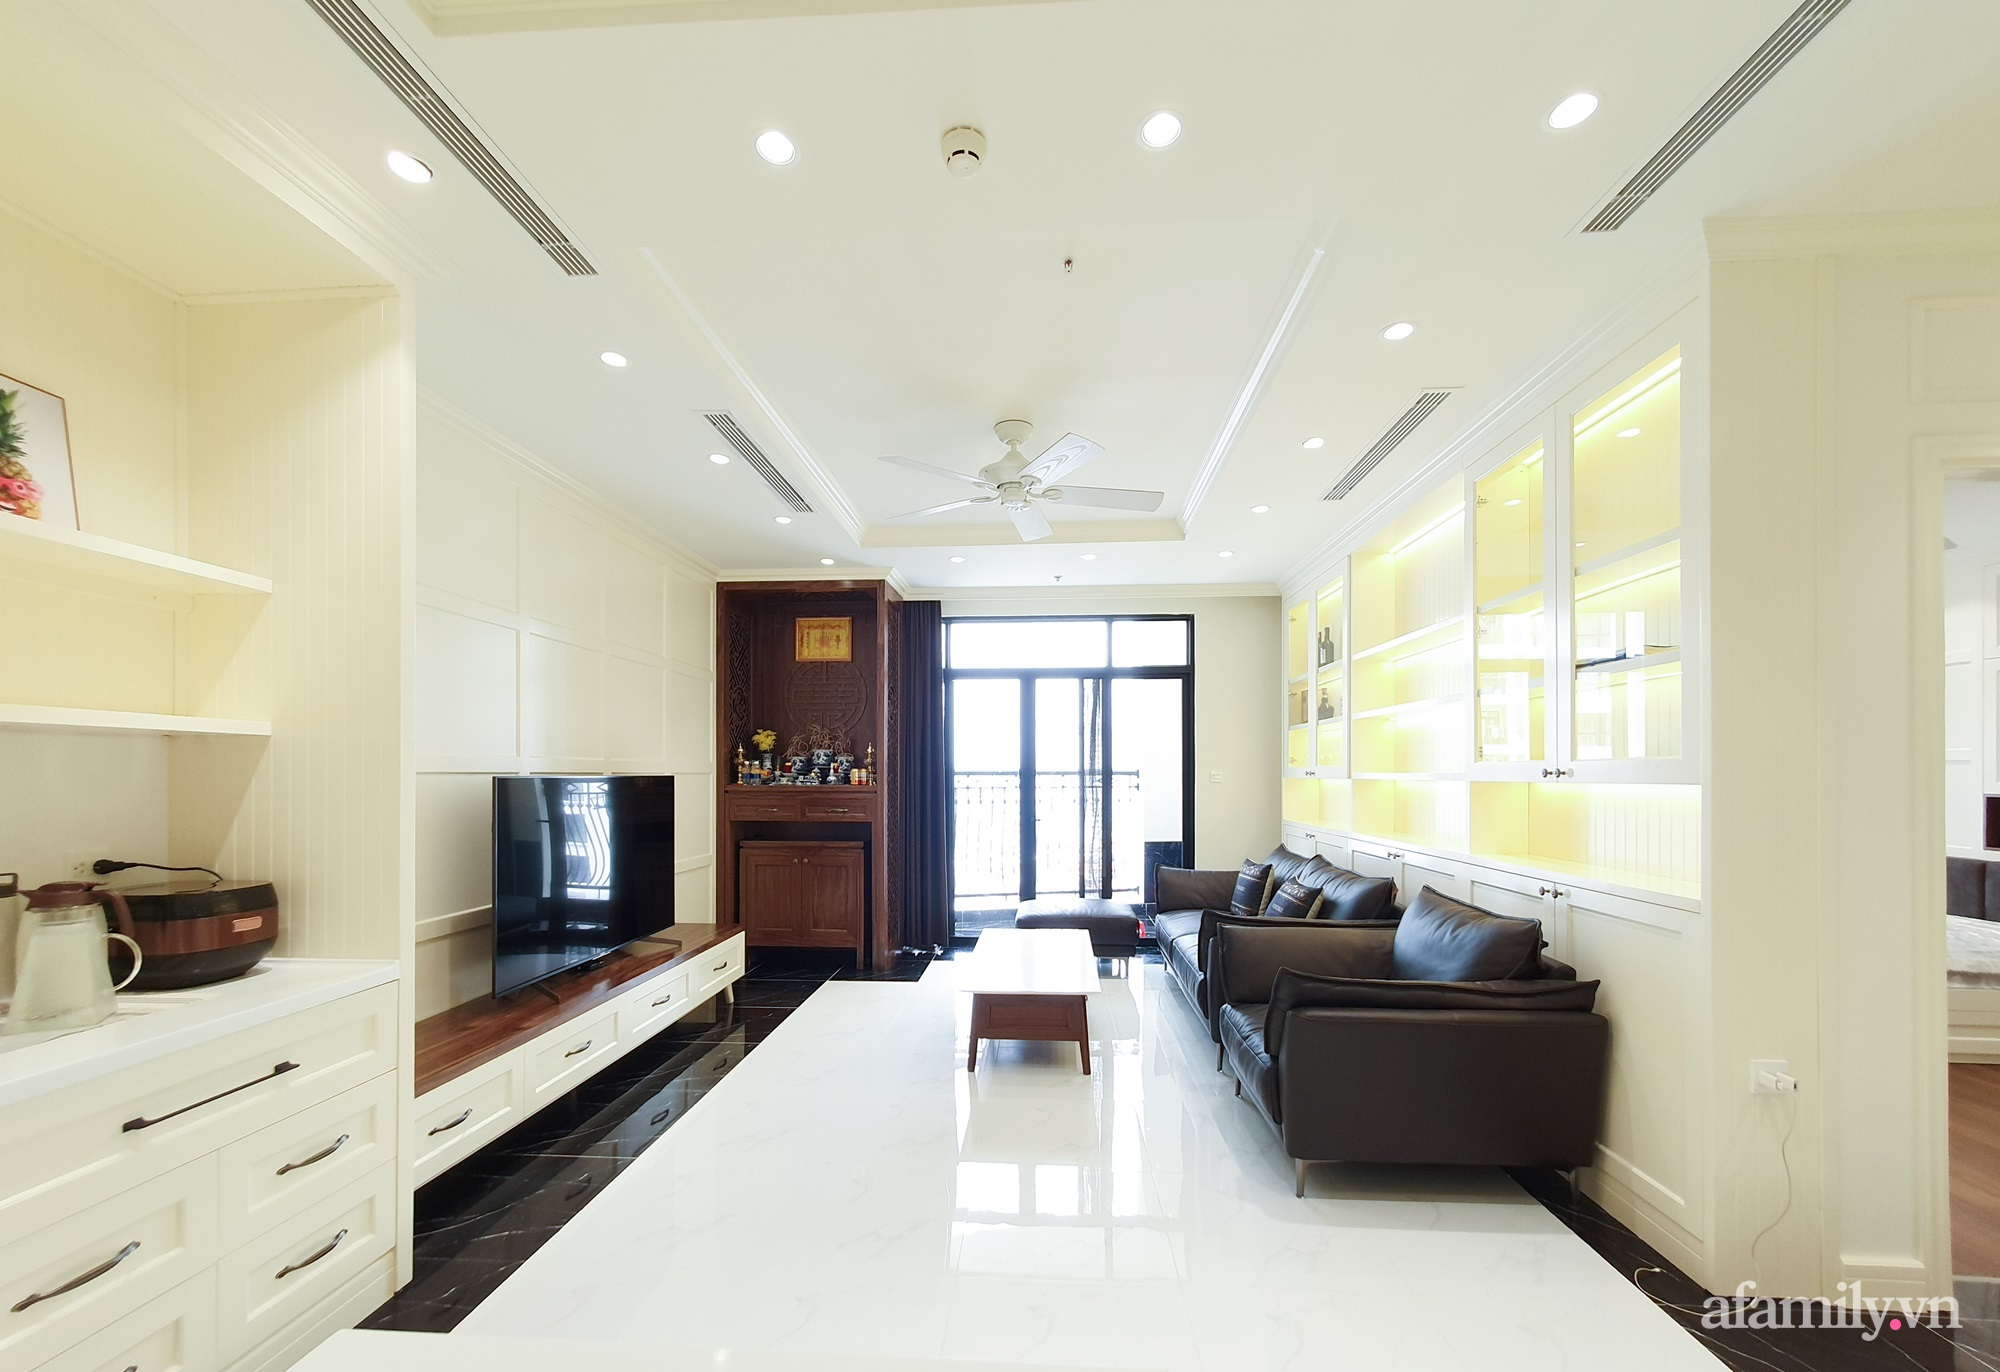 Căn hộ 121m² đẹp sang chảnh với phong cách bán cổ điển ở Hà Nội - Ảnh 5.